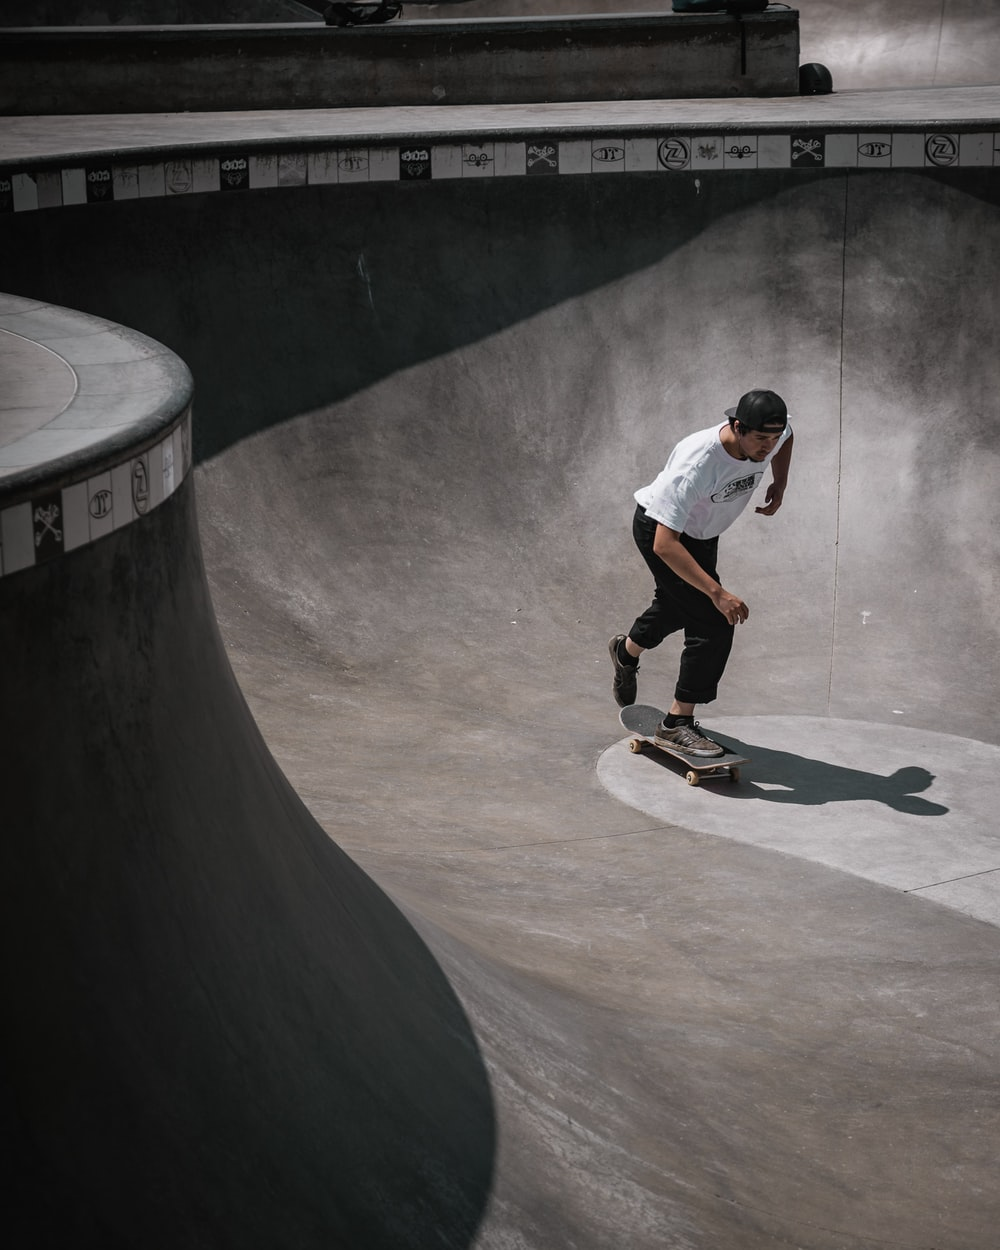 man wearing white shirt skateboarding